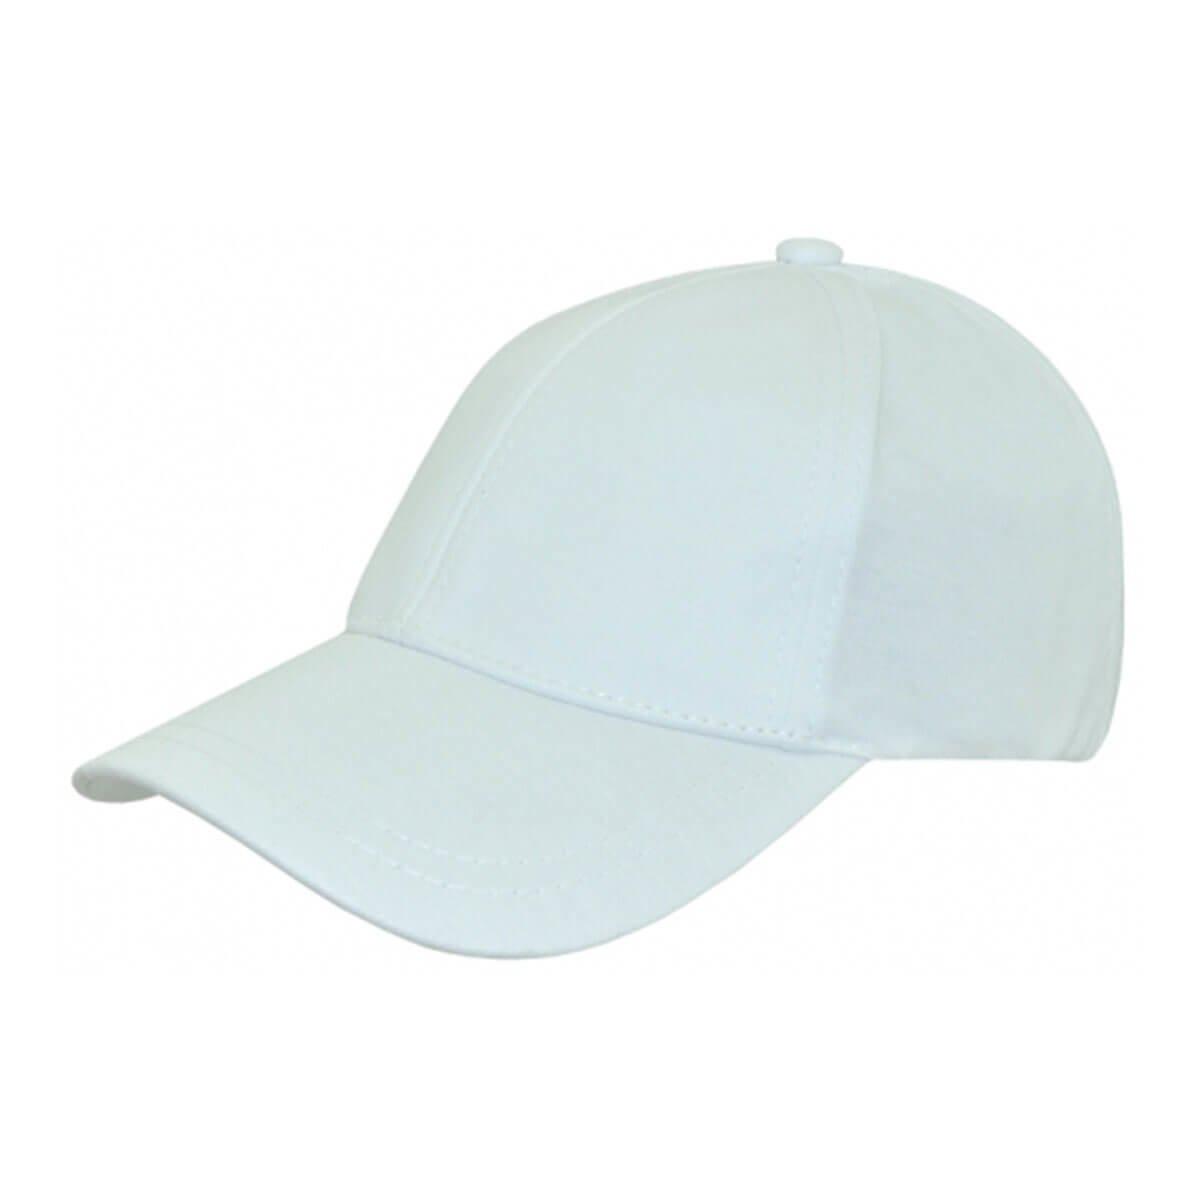 100% Coolde Cap-White